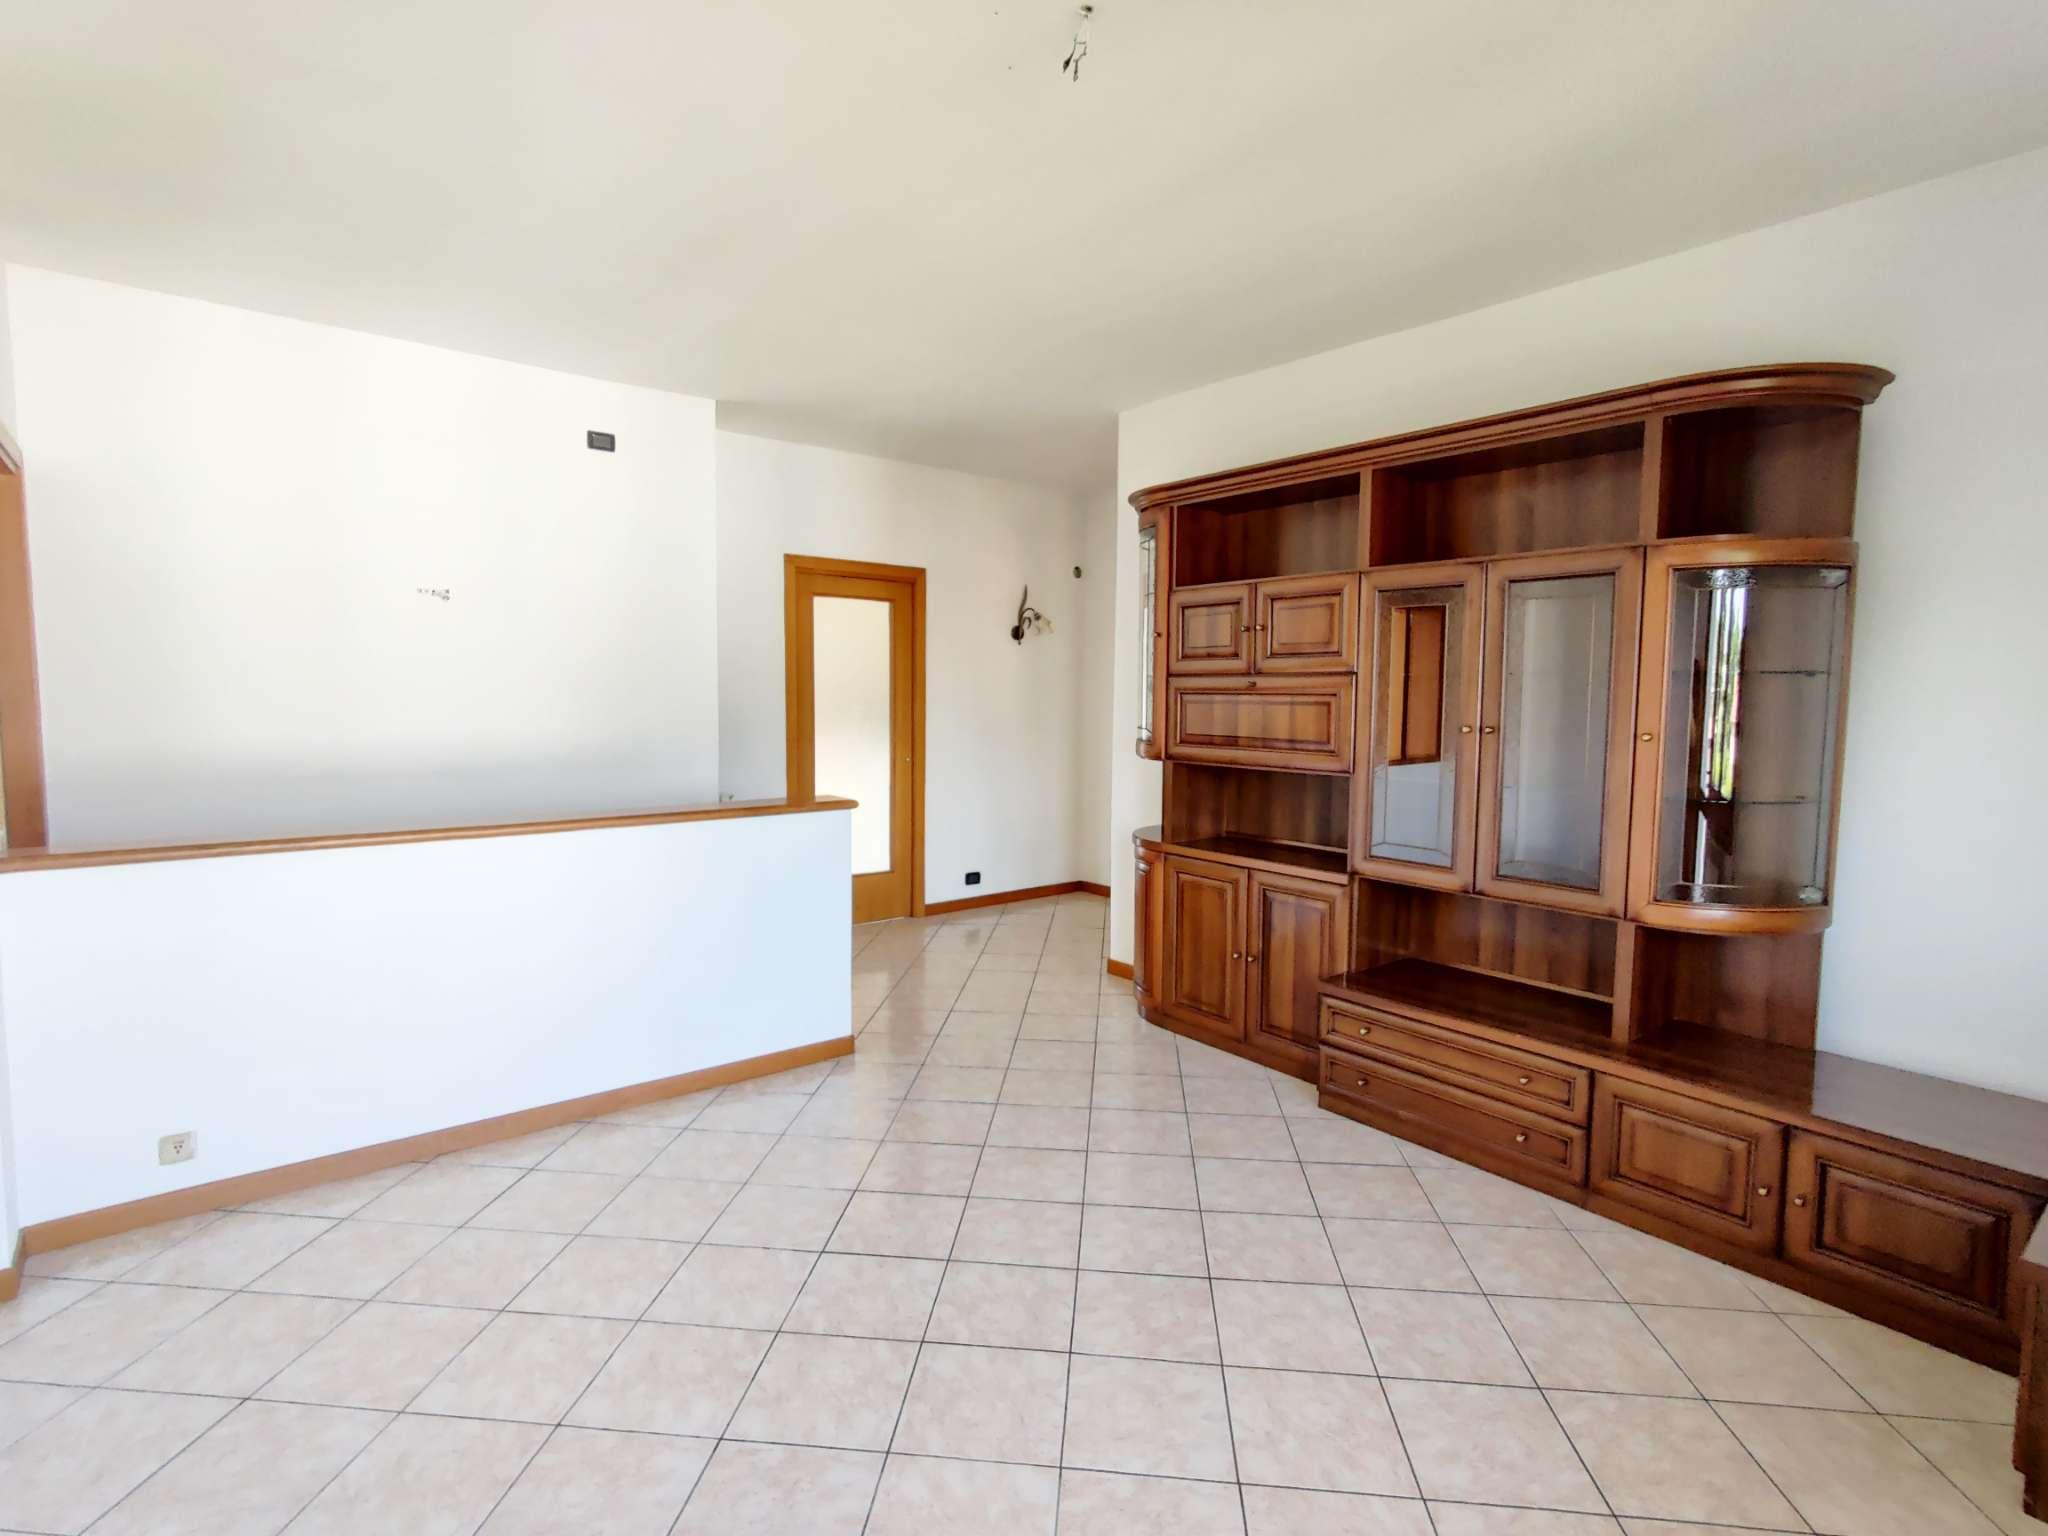 Appartamento in vendita a Cessalto, 4 locali, prezzo € 100.000 | PortaleAgenzieImmobiliari.it